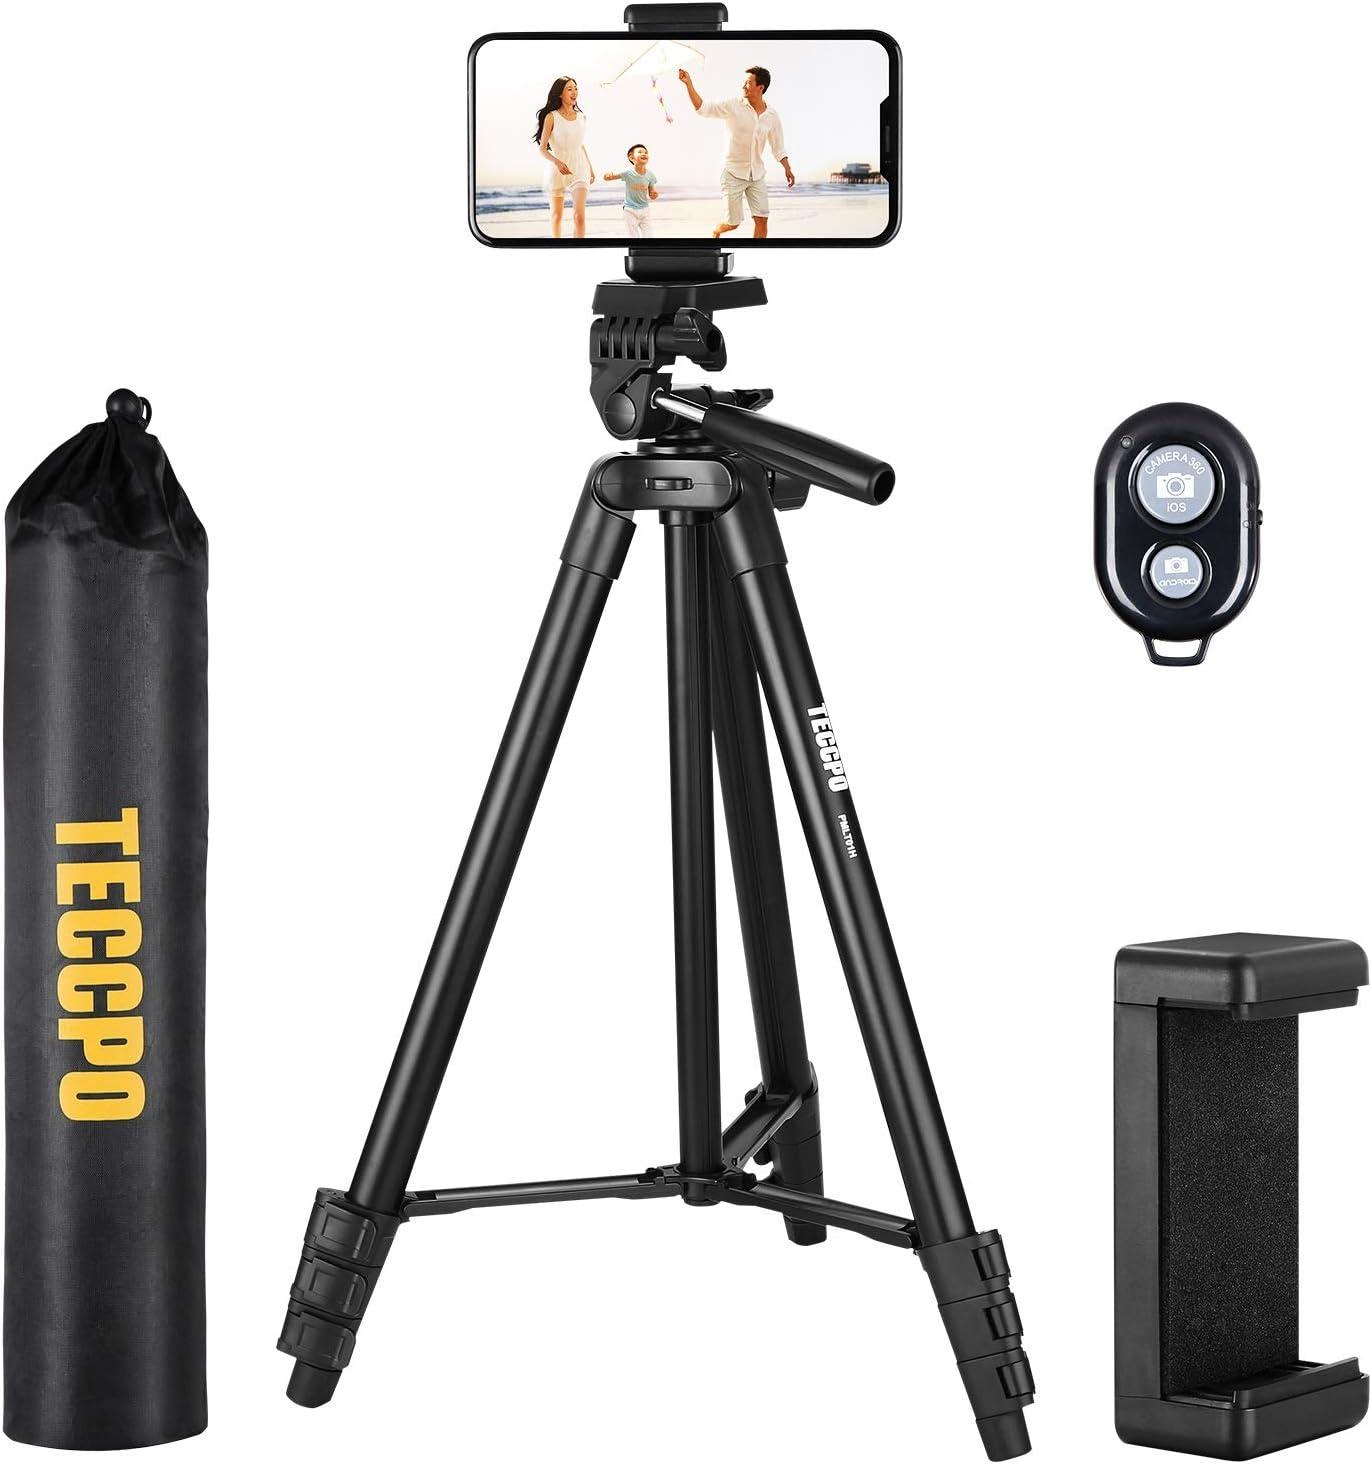 Trípode Móvil TECCPO, Trípode Flexible para Cámara y Gopro con Control Remoto Bluetooth para iOS Android, Trípode Plegable con Soporte de Teléfono y Bolsa Portátil para Viajes, Selfie, Medición